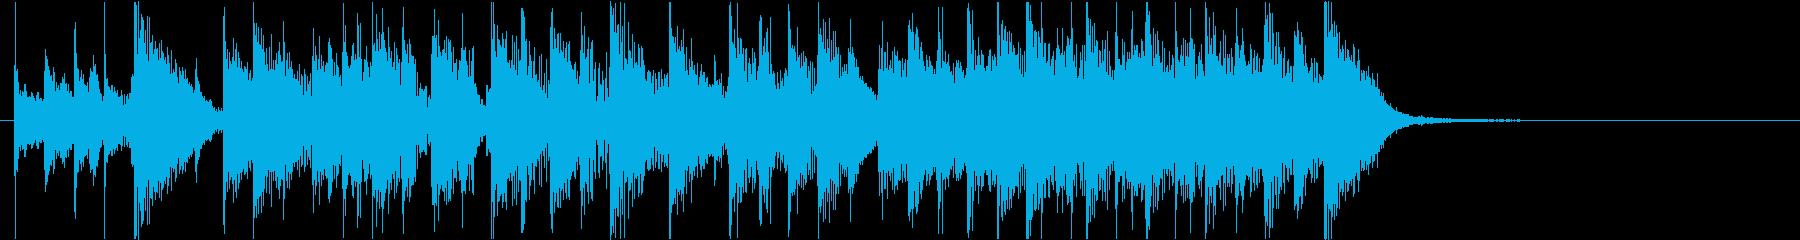 昭和テイストの軽快でカワイイサウンドロゴの再生済みの波形